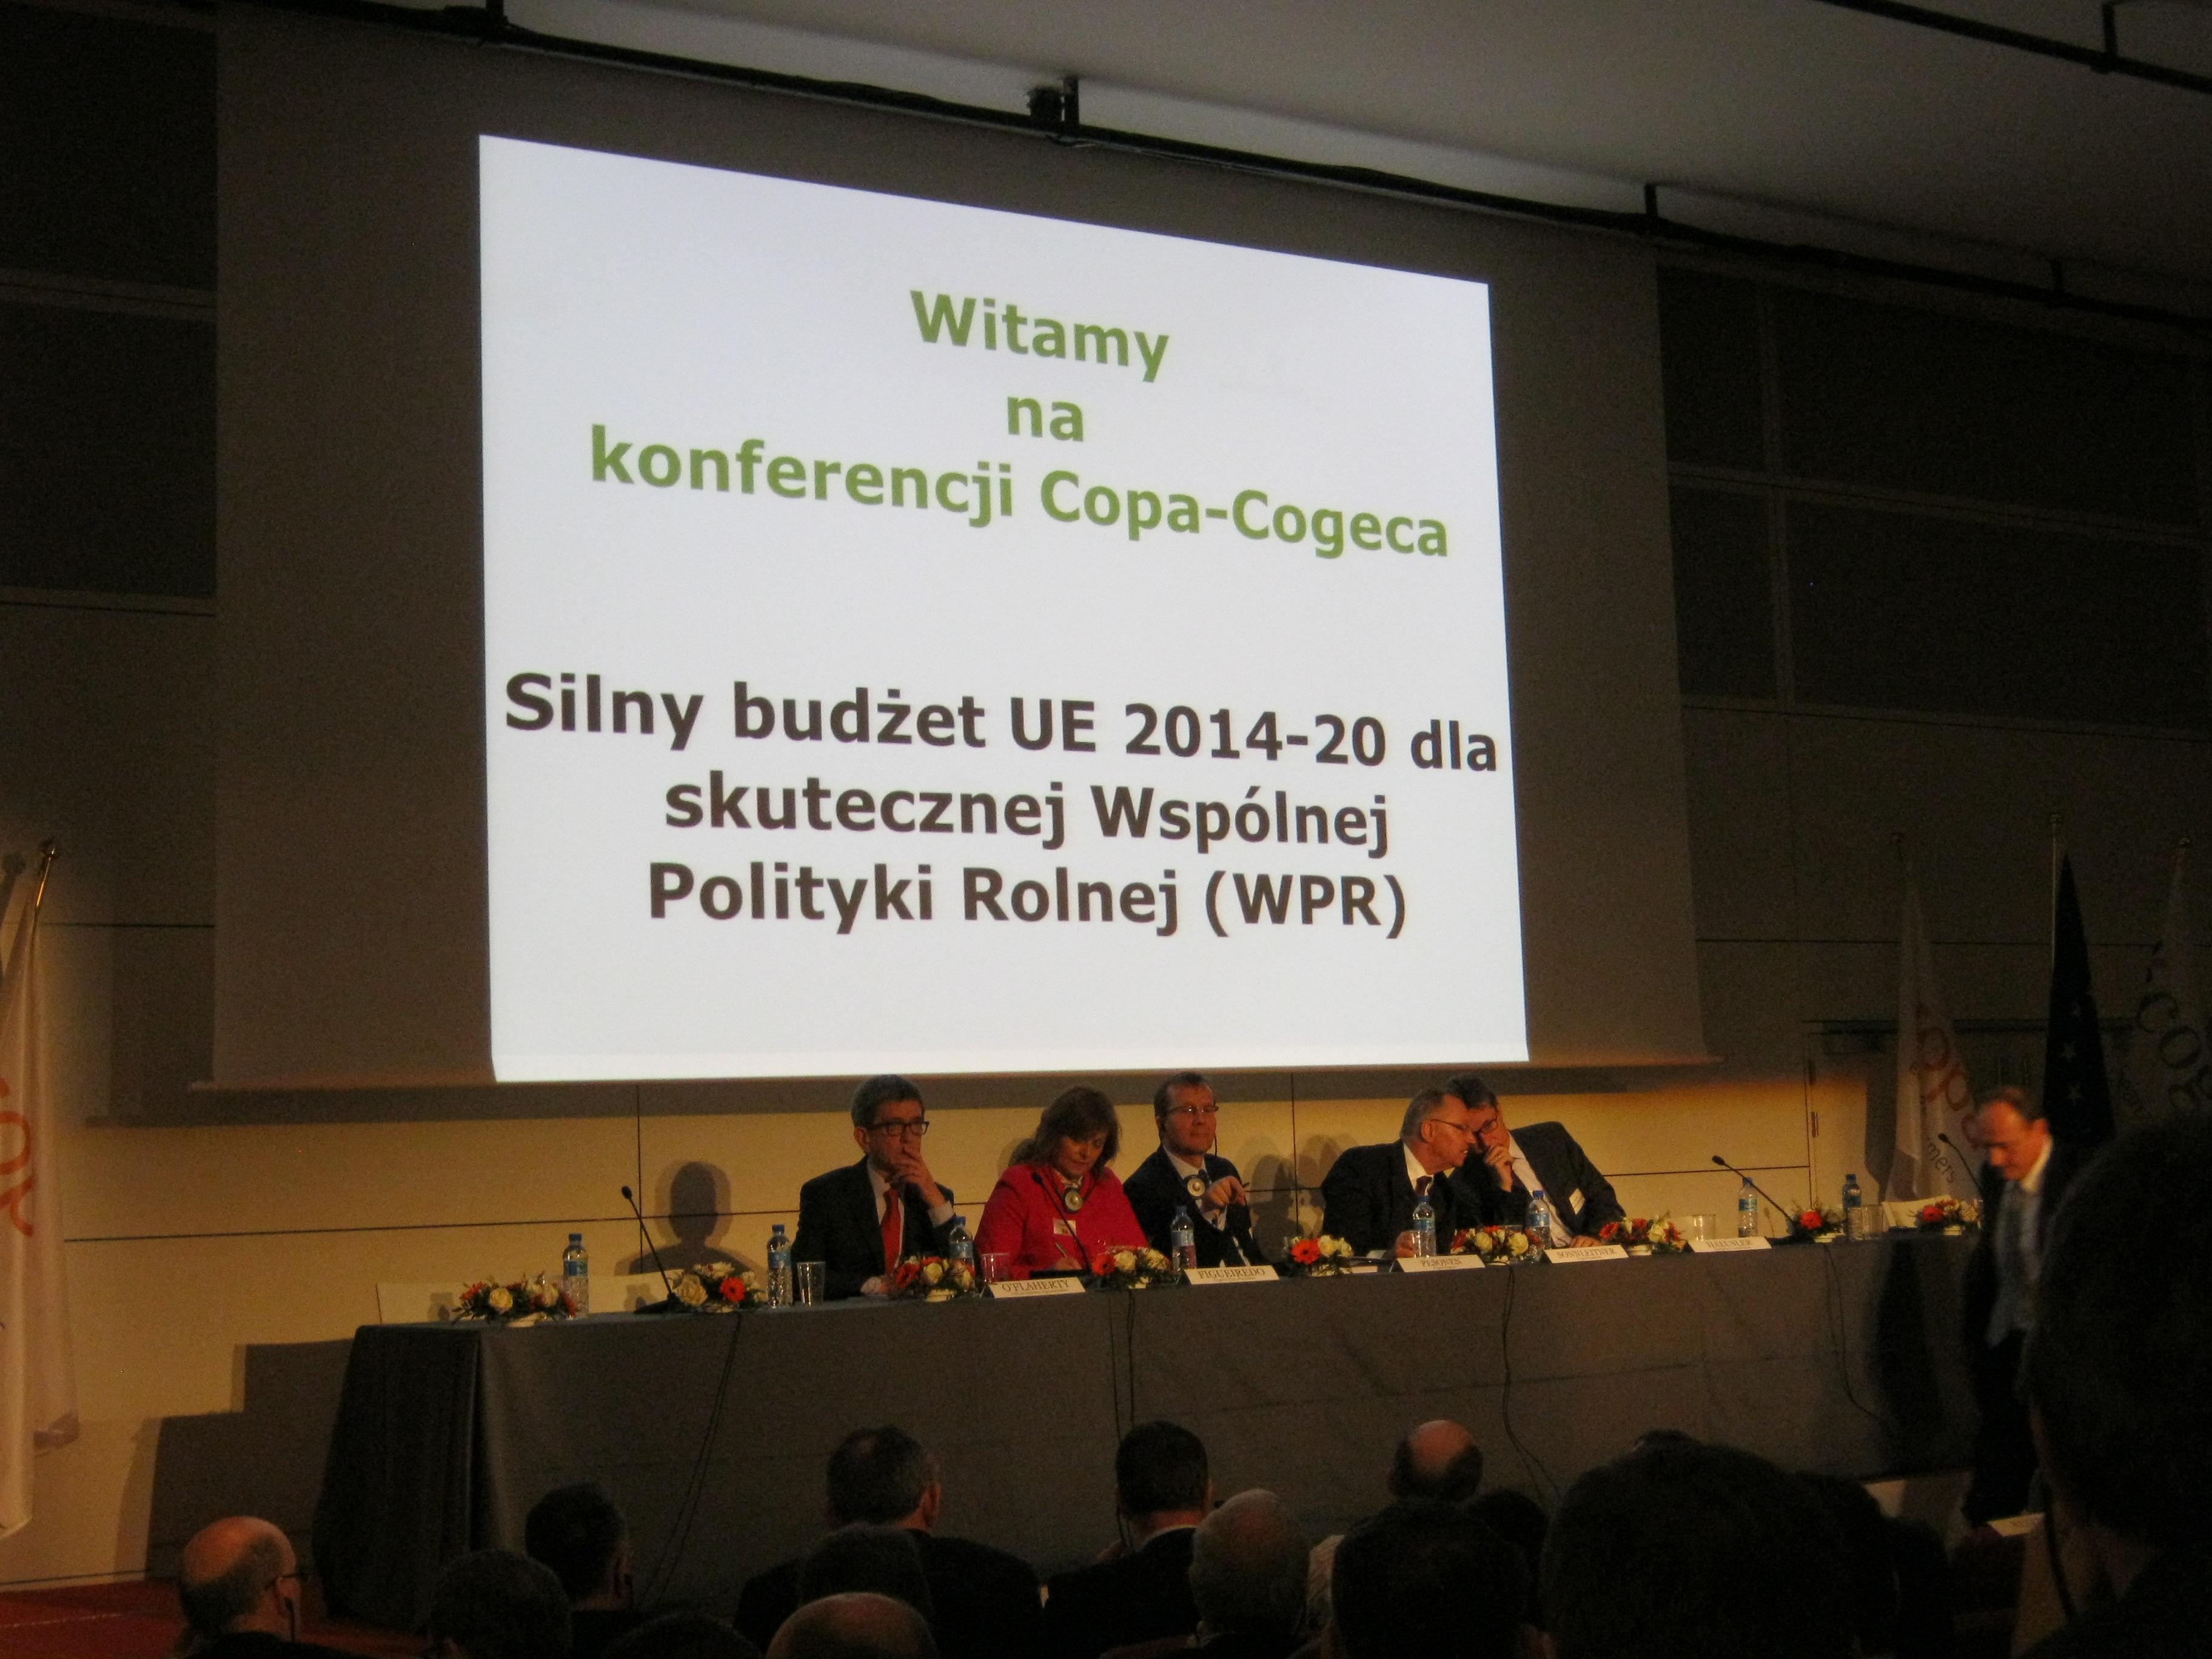 Samorząd rolniczy bierze udział w nadzwyczajnym Posiedzeniu Prezydiów Copa-Cogeca